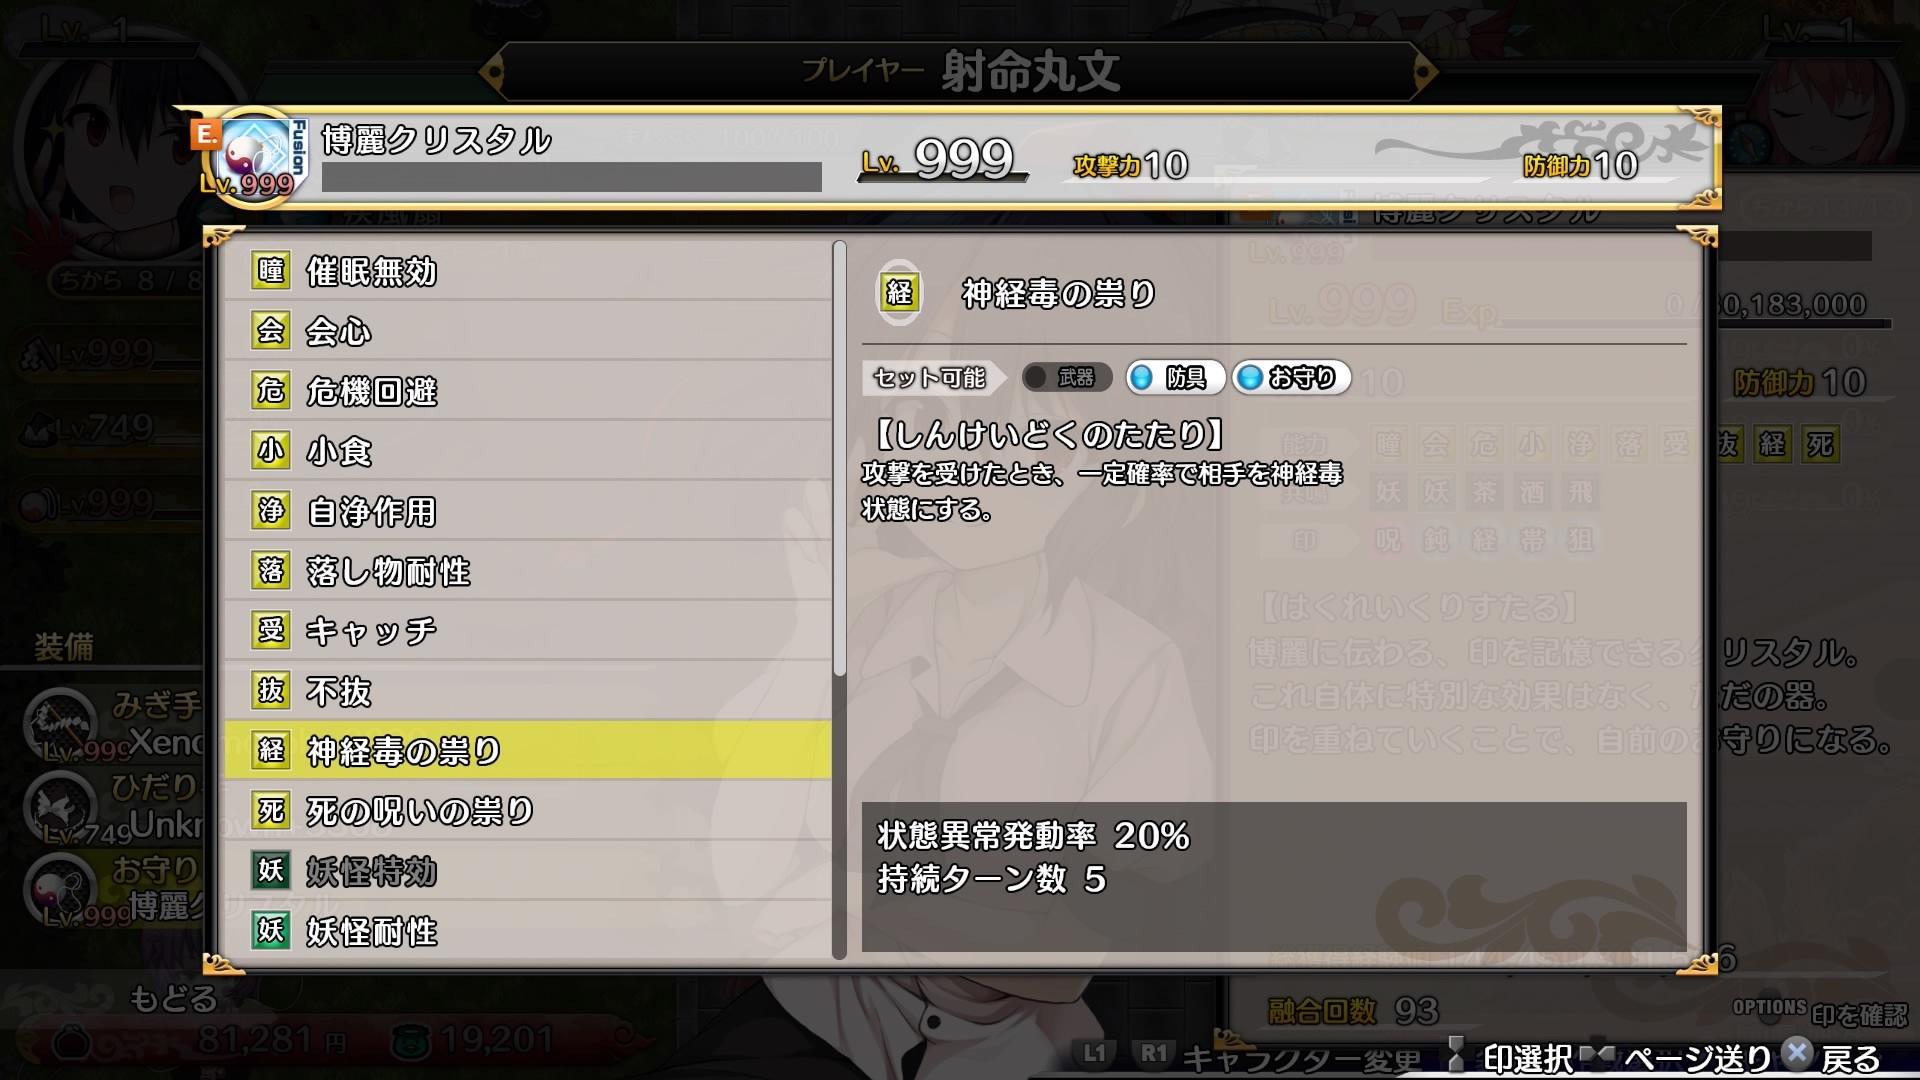 ゲーム「不思議の幻想郷 TOD RELOADED 一撃死22%という恐怖」_b0362459_19581603.jpg